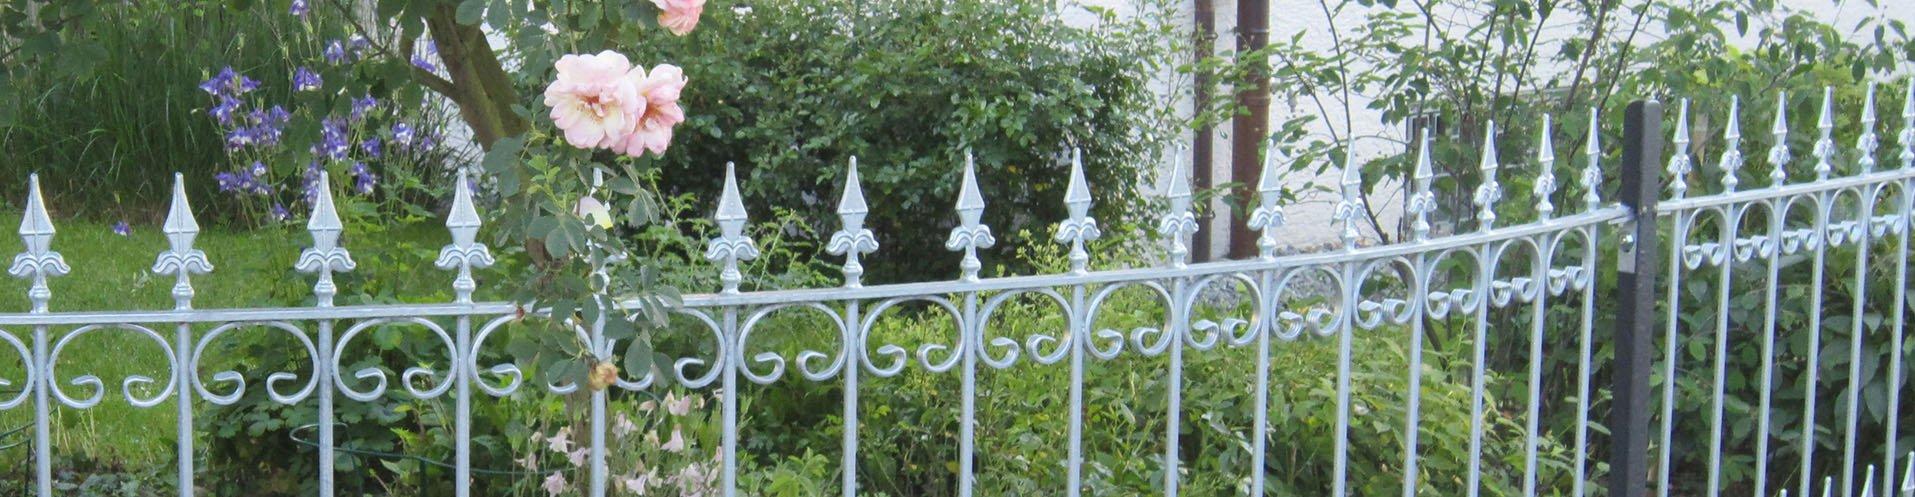 Gartenzäune aus Metall verzinkt